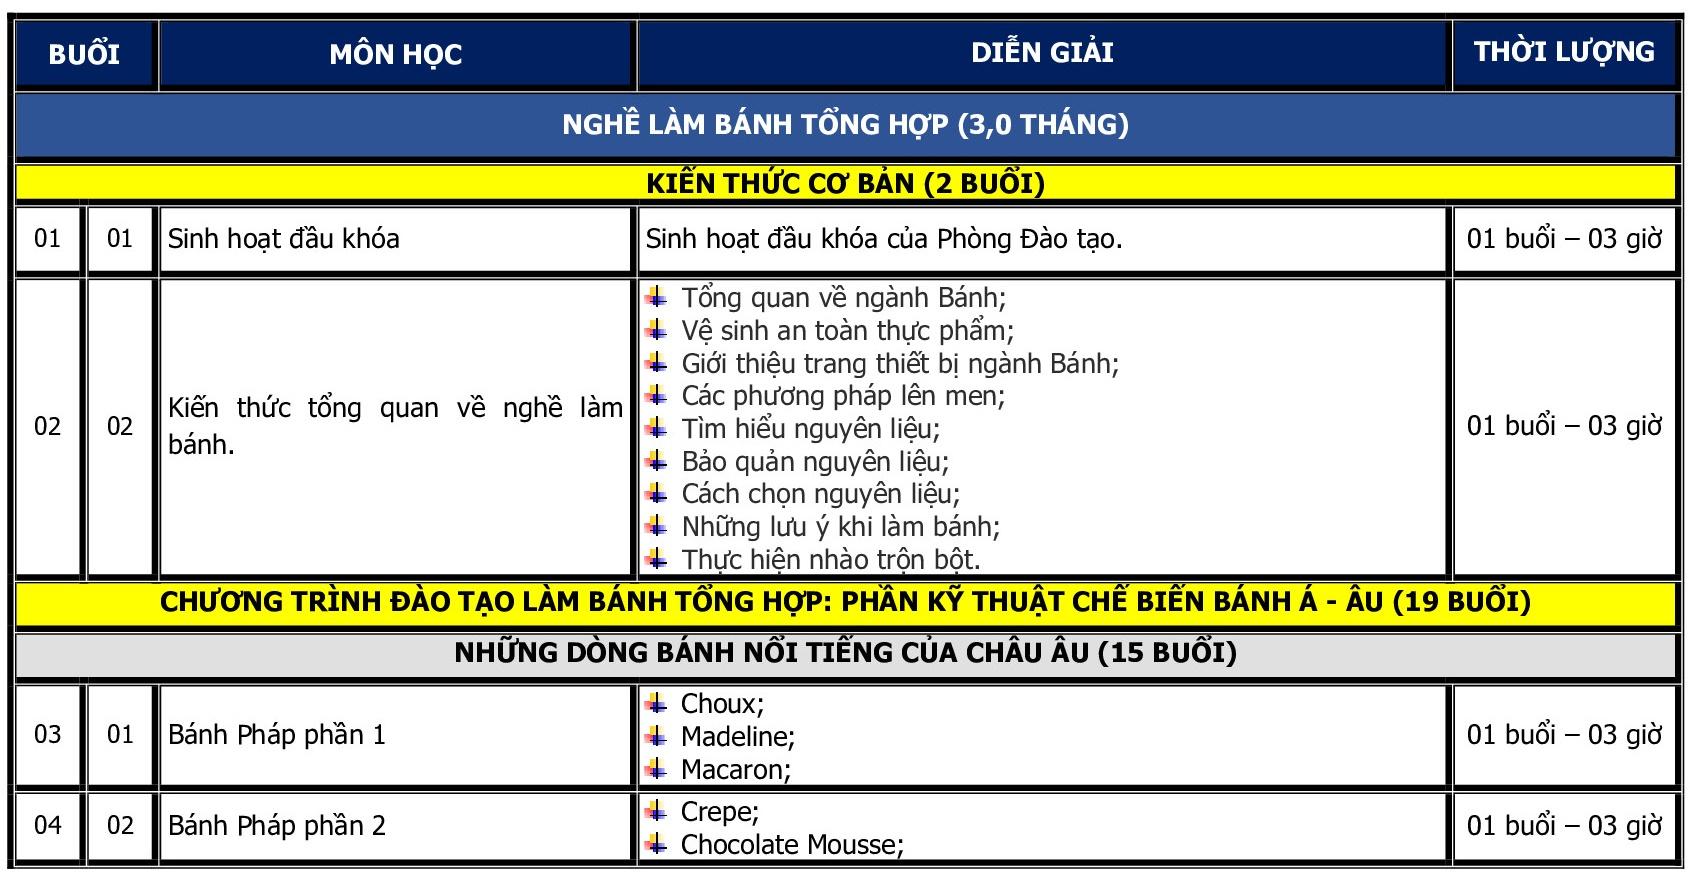 CT DAO TAO BANH TONG HOP_p001